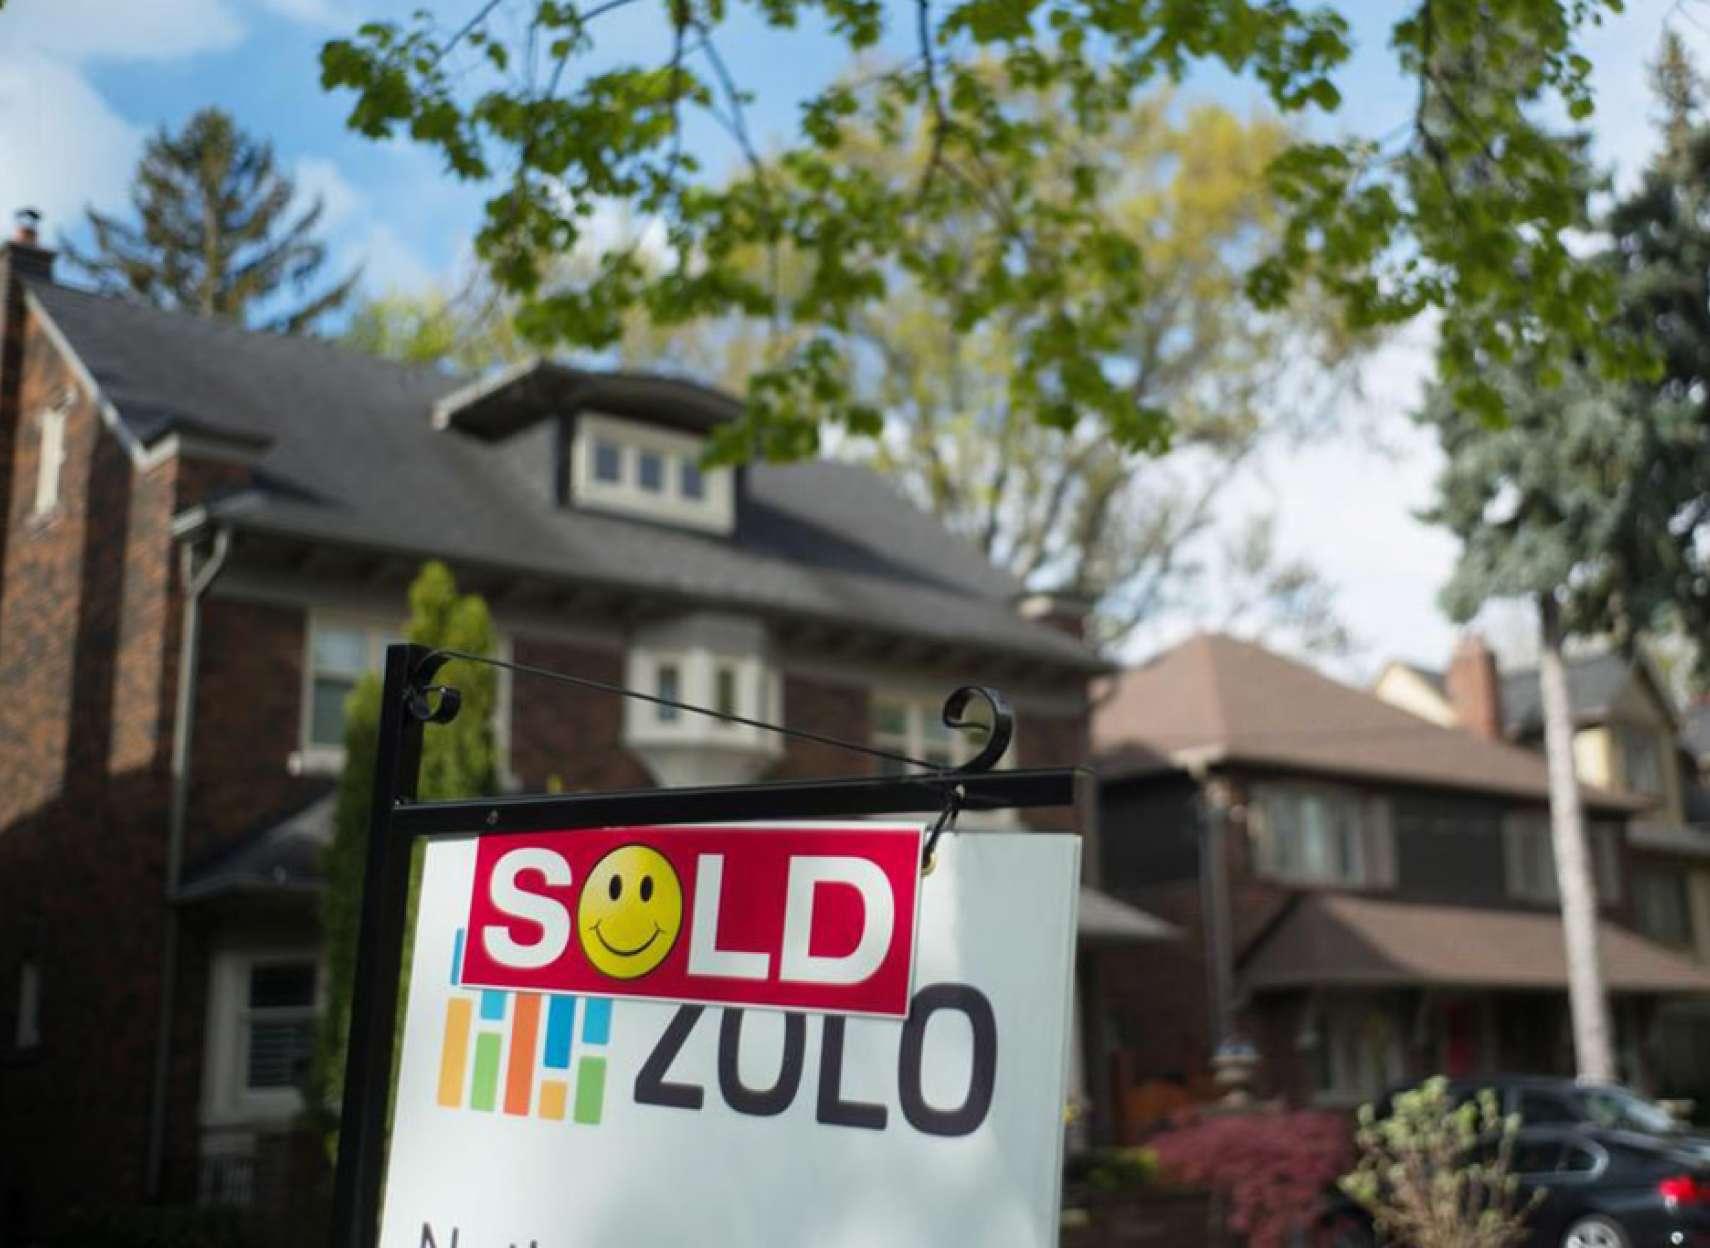 اخبار-تورنتو-قیمت-خانههای-تورنتو-دوباره-بالا-میرود